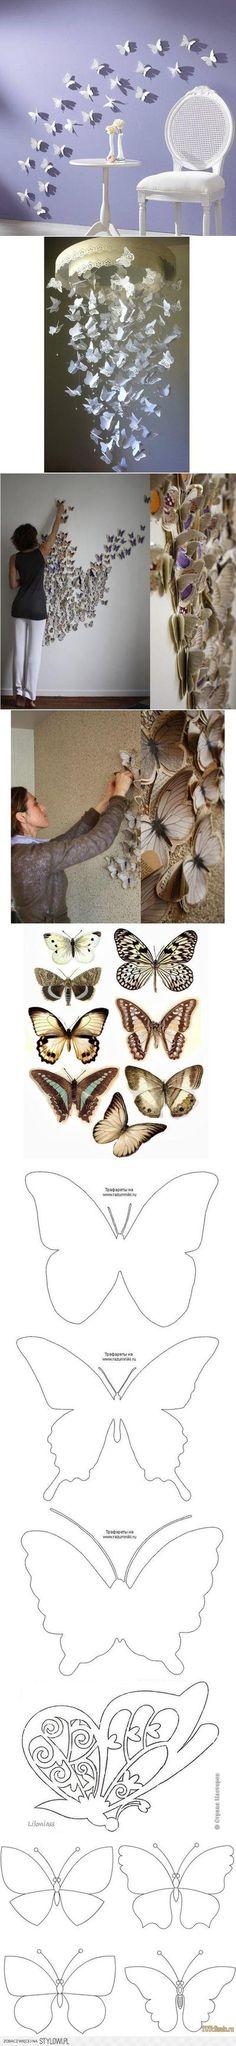 Bekijk de foto van Nel-leke met als titel Zelf de vlinders maken,en je kan er mee doen wat je wilt!Een groot hart beplakker met vlinders ook leuk! en andere inspirerende plaatjes op Welke.nl.